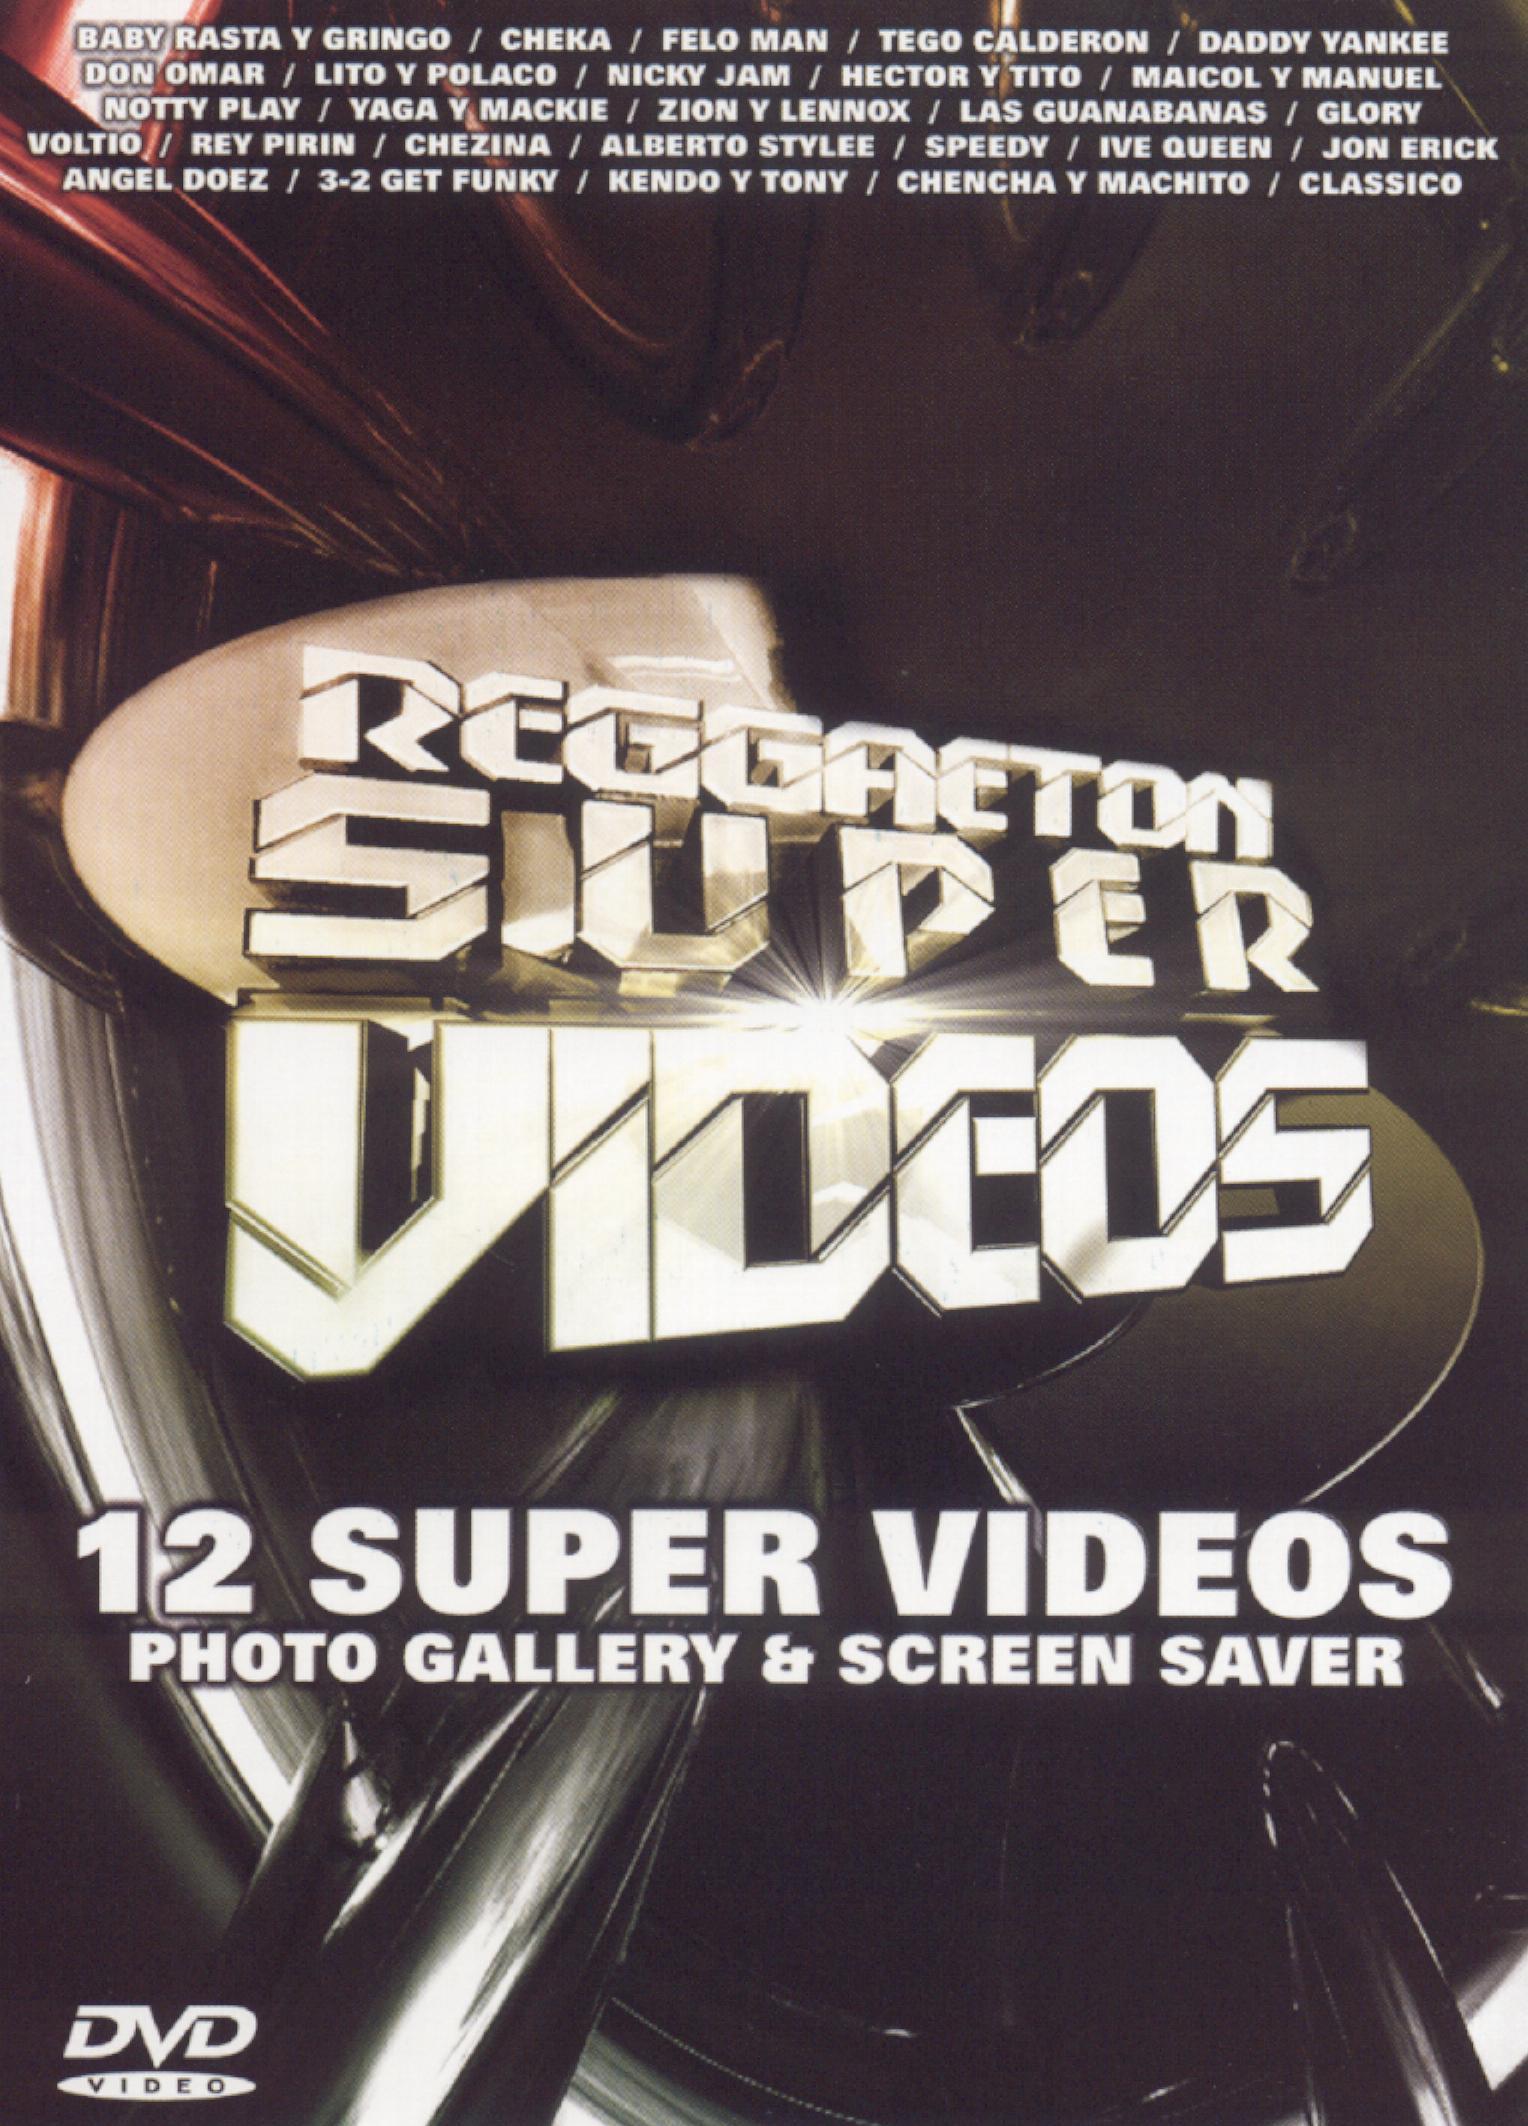 Reggaeton Super Videos